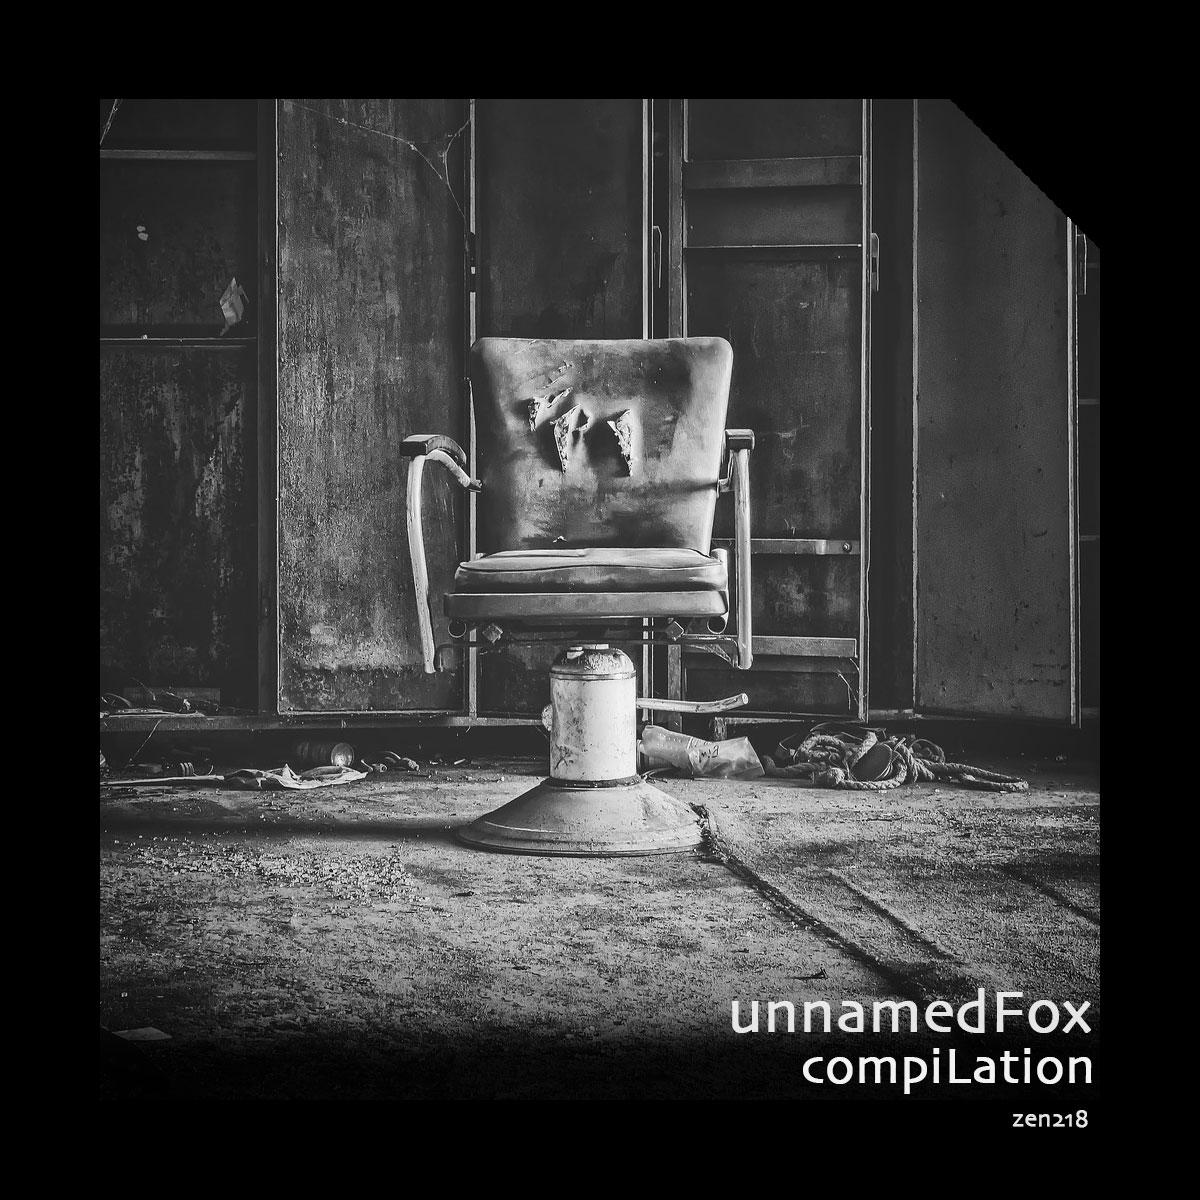 unnamedFox – compiLation